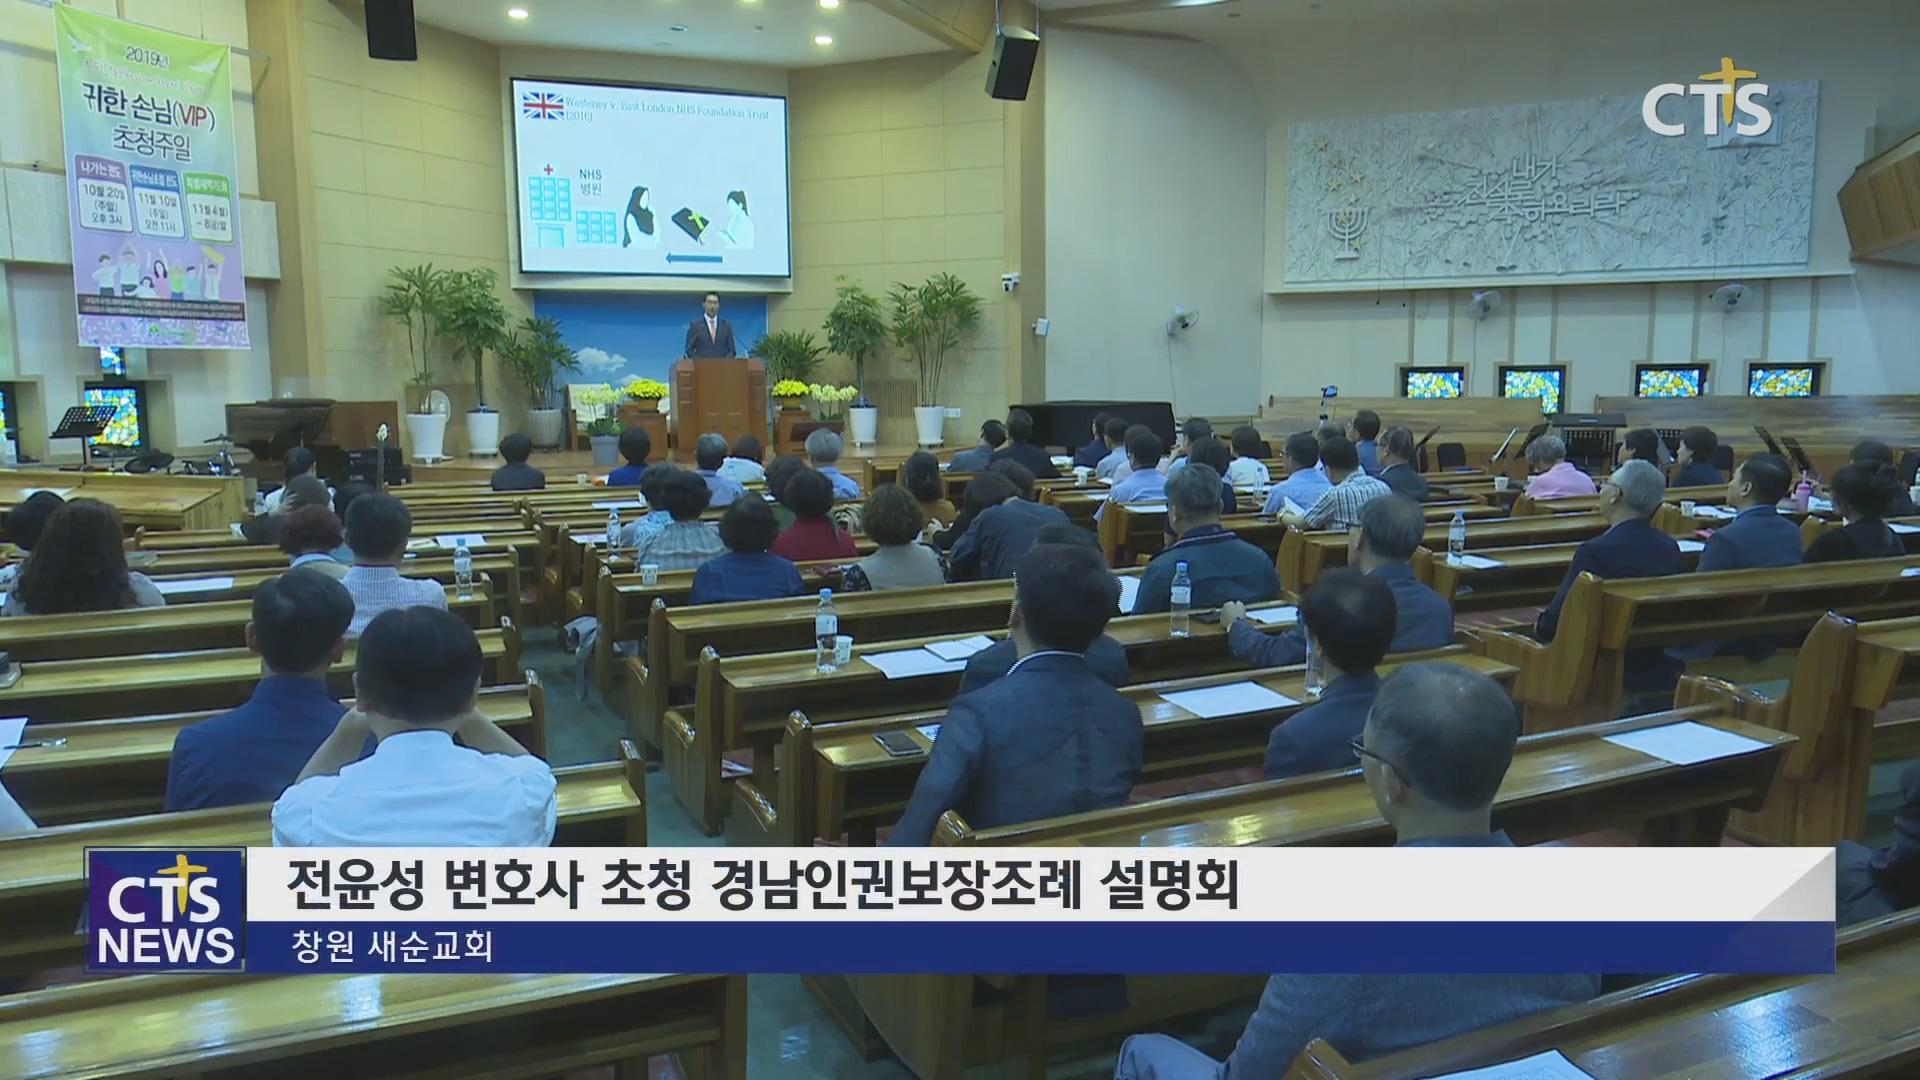 전윤성 변호사 초청 경남인권보장조례 설명회